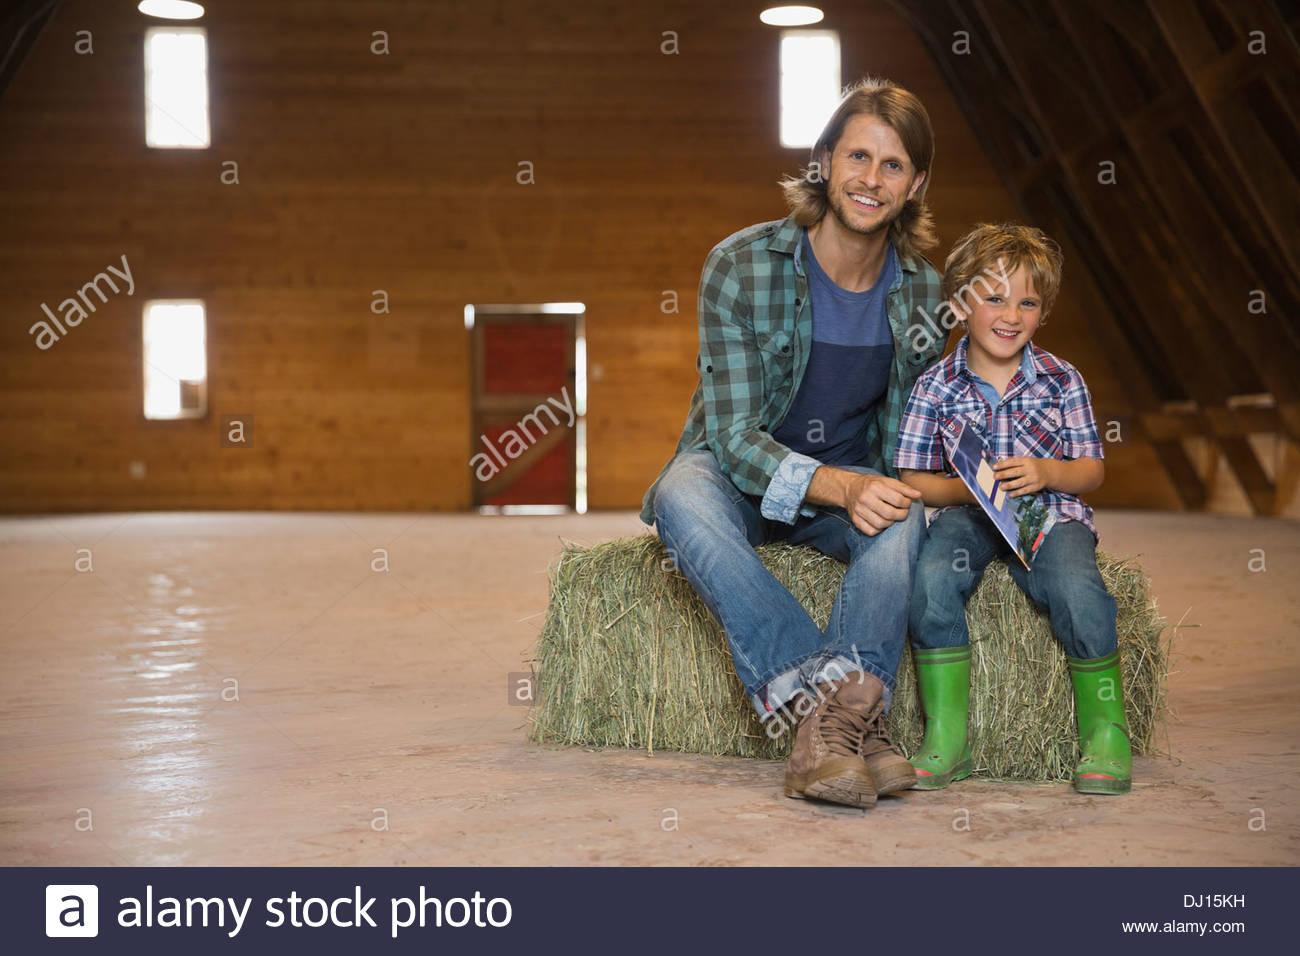 A piena lunghezza Ritratto di padre e figlio seduti sulla balla di fieno nel fienile Immagini Stock